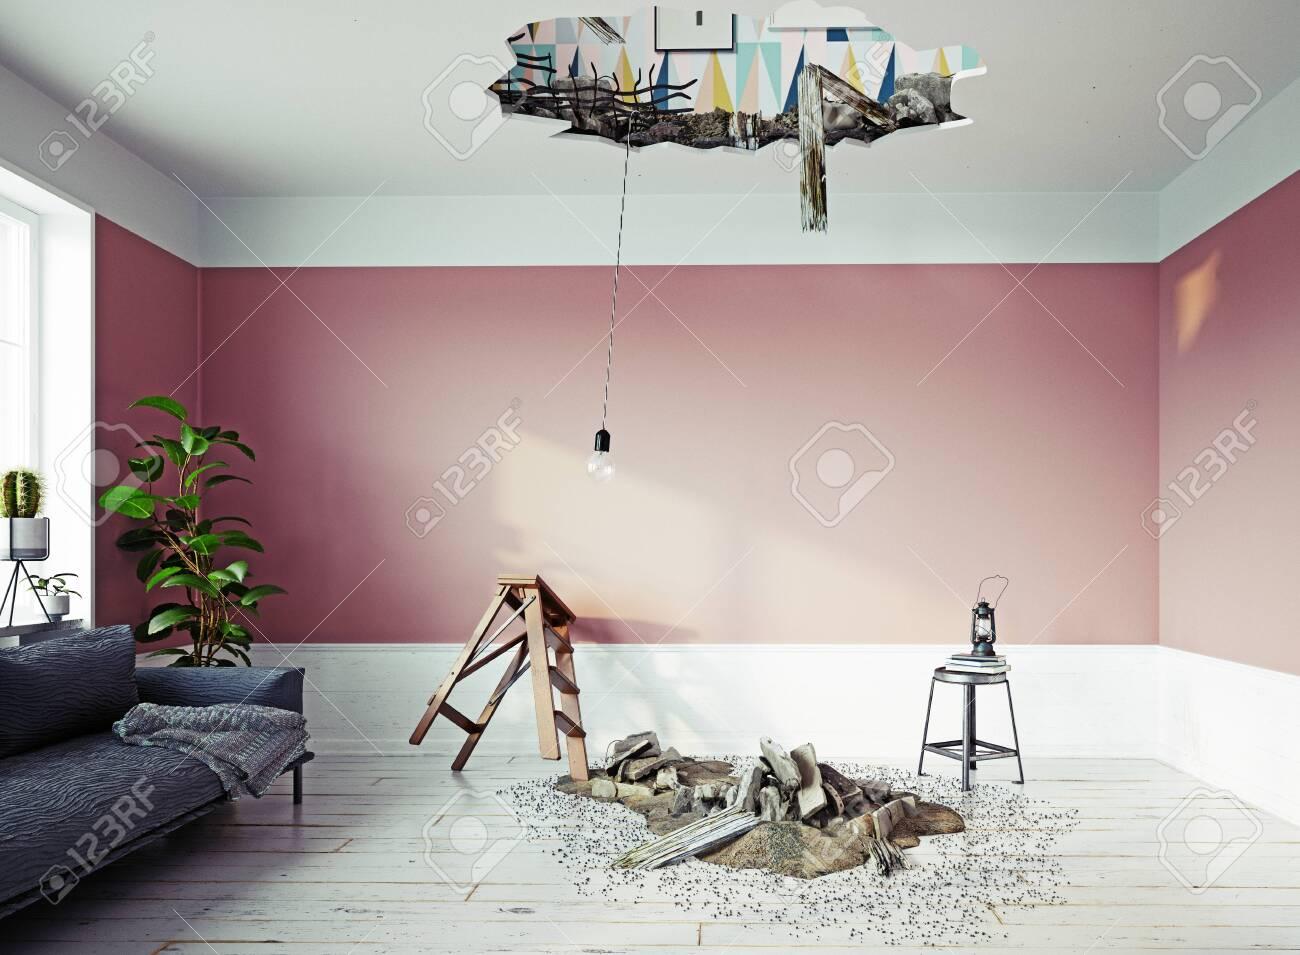 Broken ceiling in the room. - 127732998